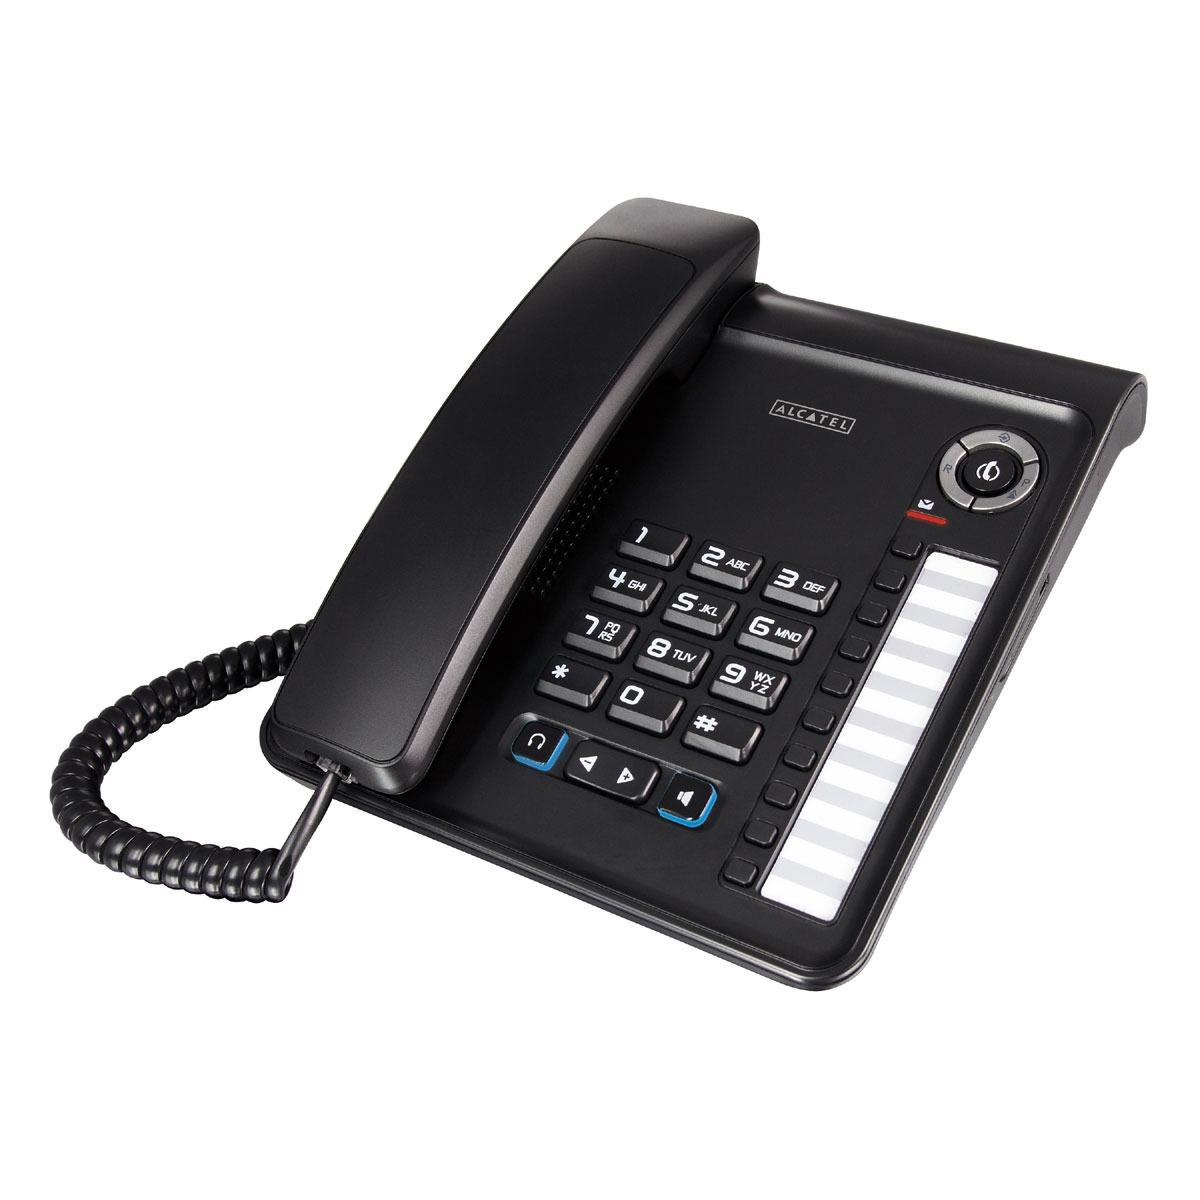 Téléphone filaire Alcatel Temporis Pro 350 Noir Alcatel Temporis Pro 350 Noir (version française)